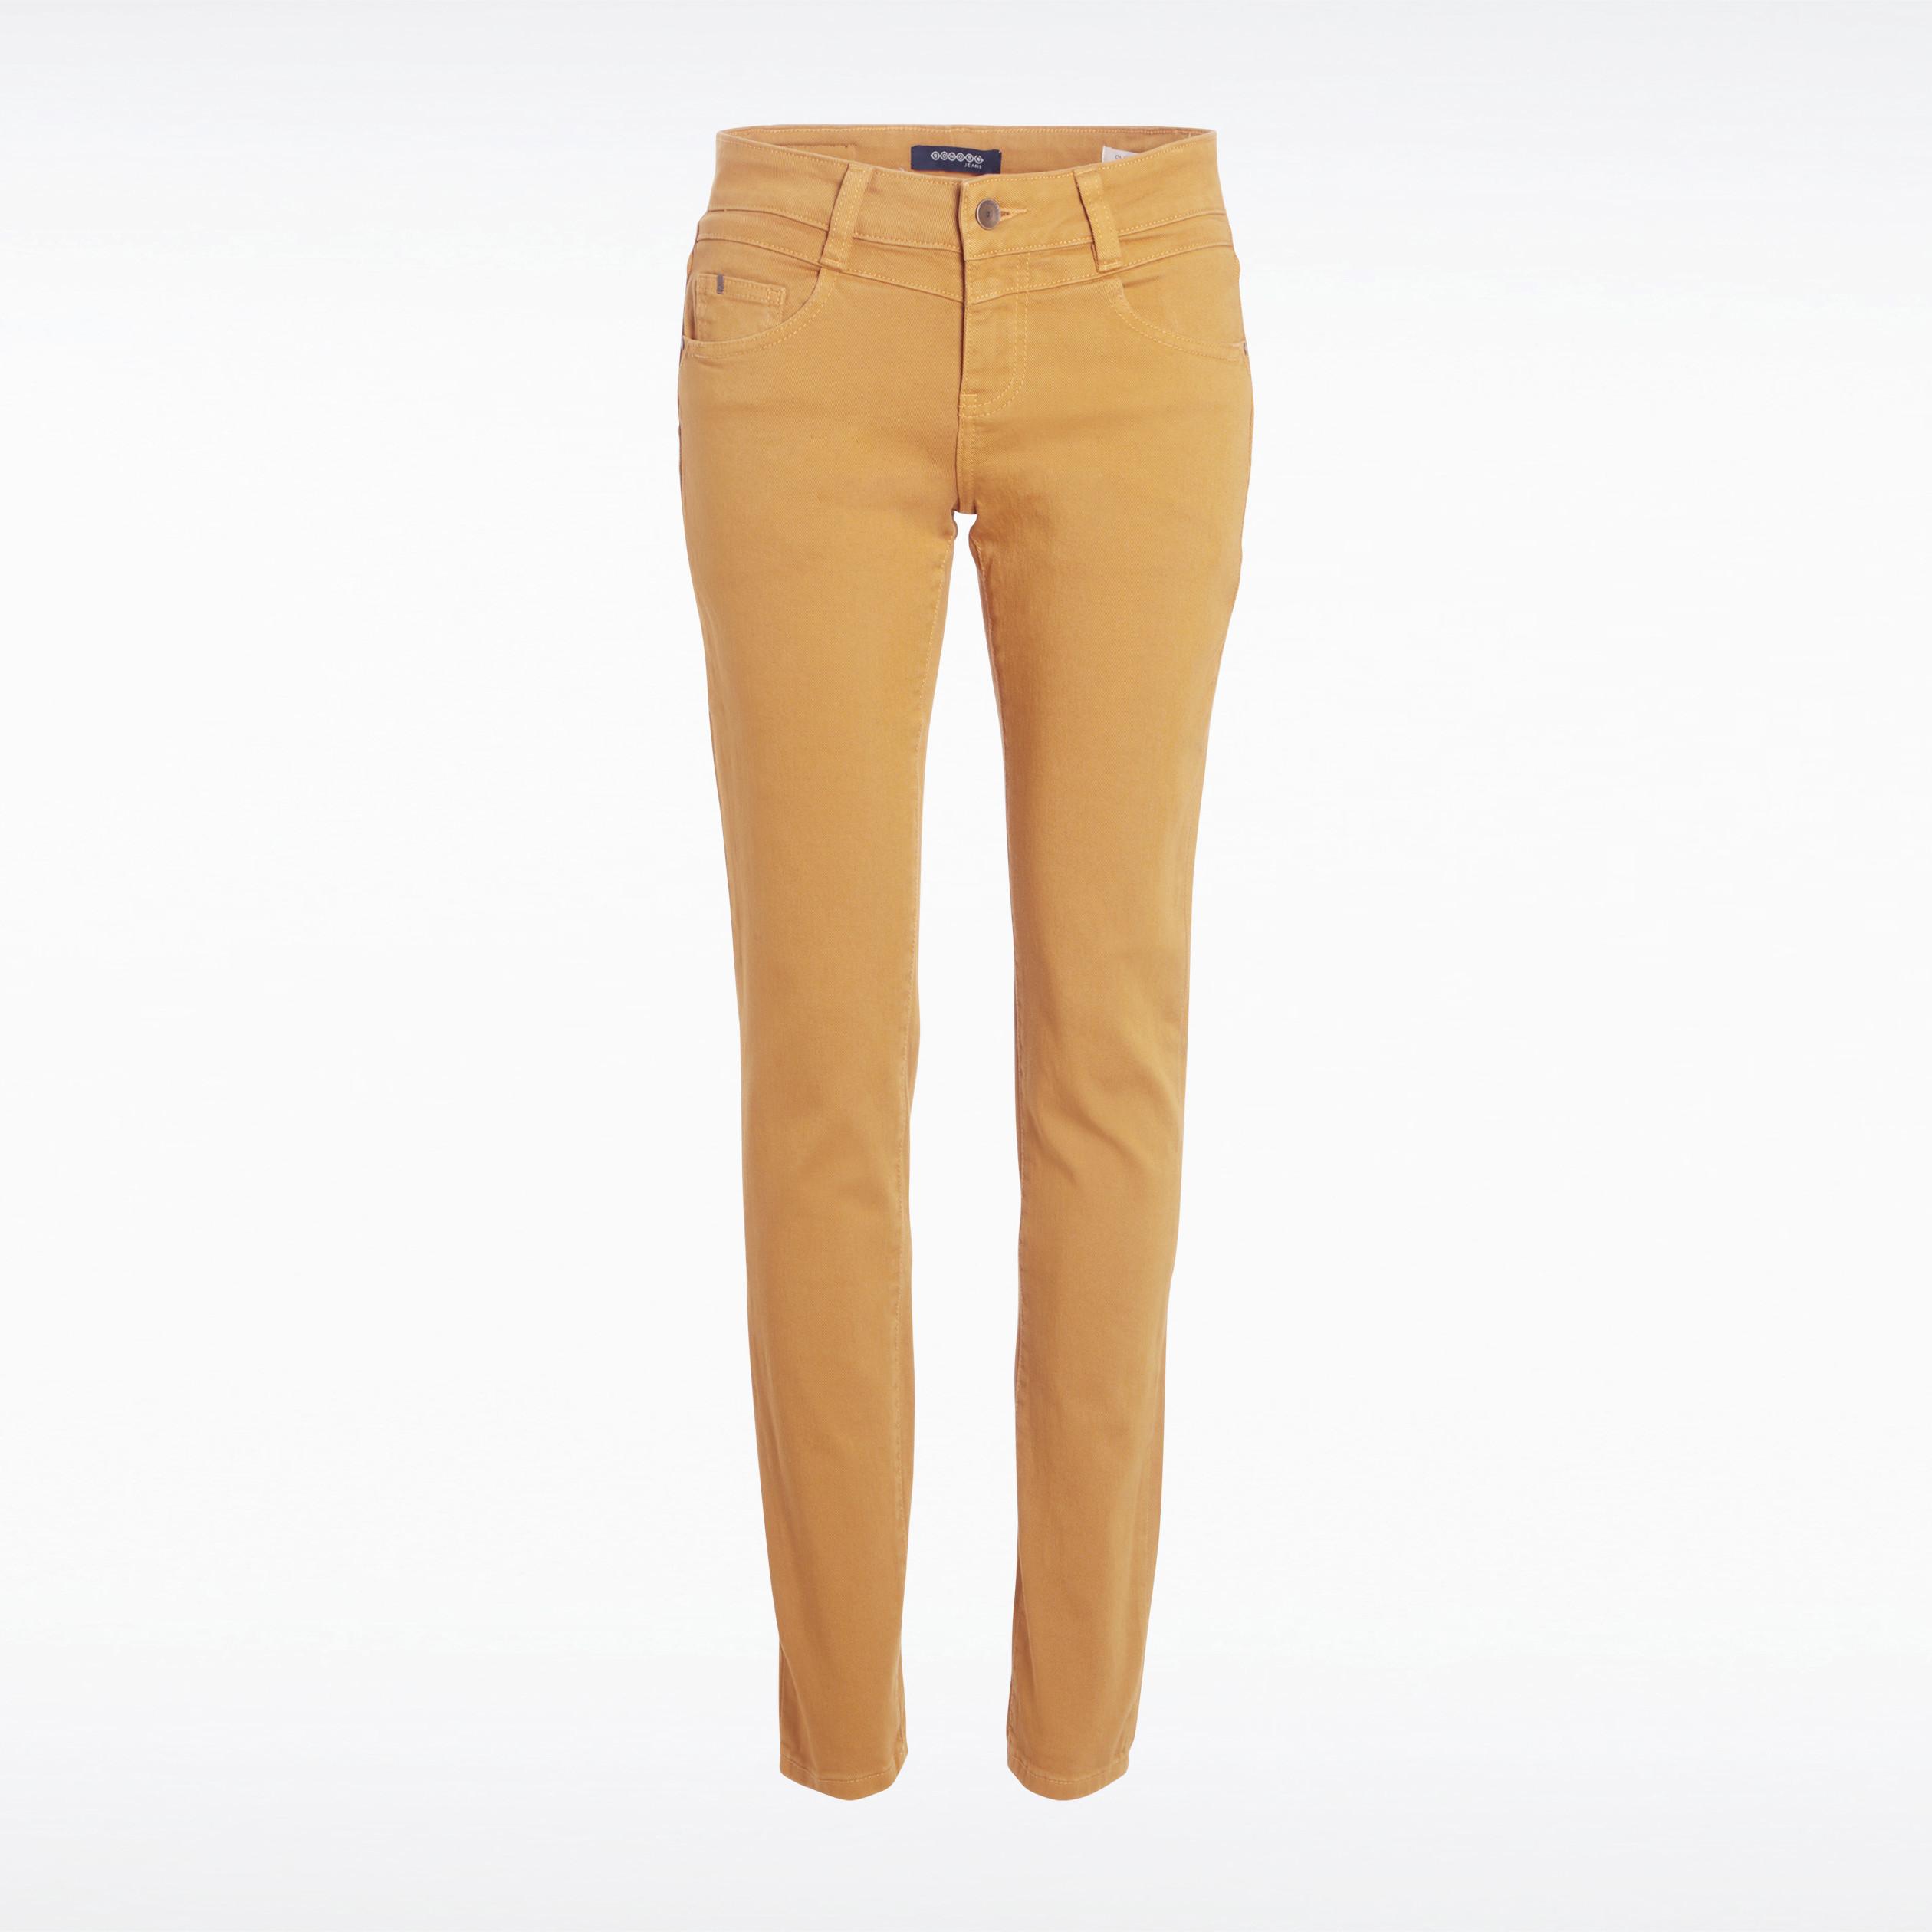 meilleur grossiste styles de mode magasin en ligne Pantalon slim 5 poches jaune moutarde femme